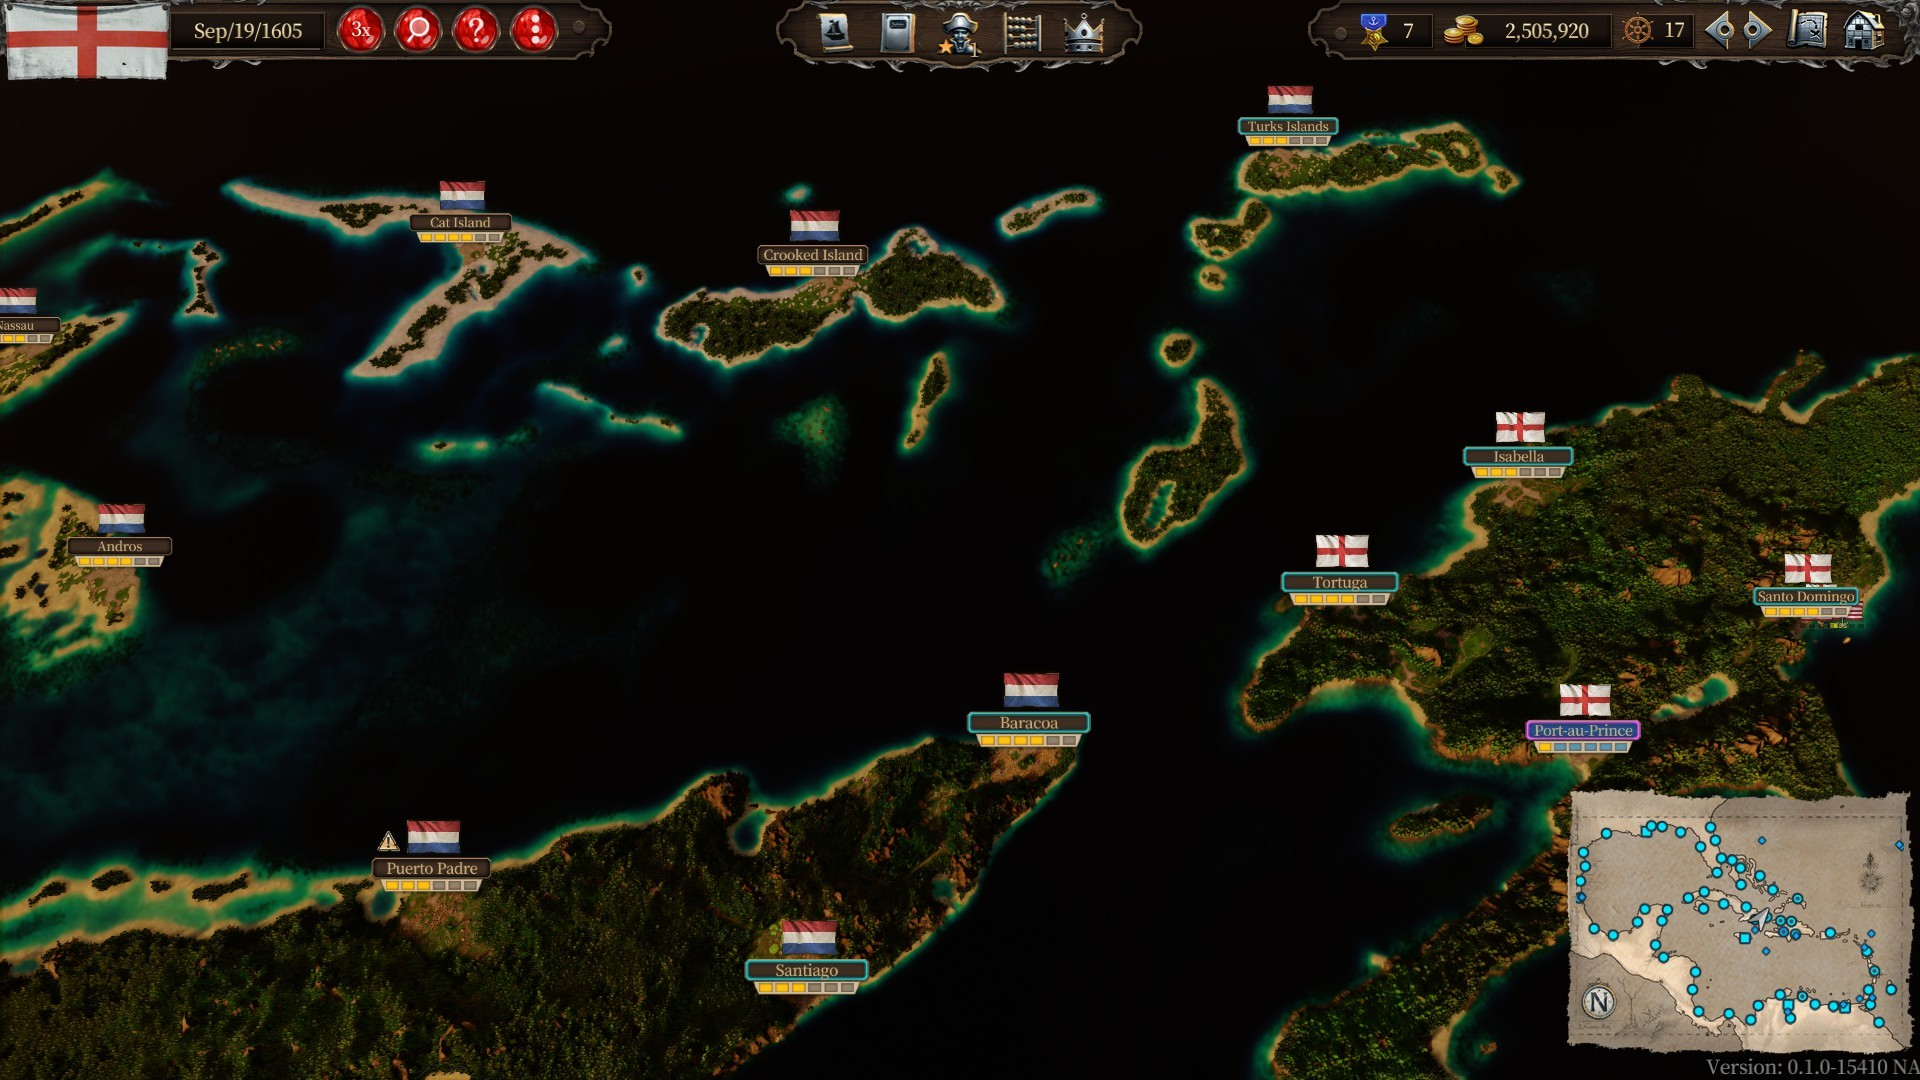 Port Royale 4 [RePack] [2020|Rus|Eng|Multi8]